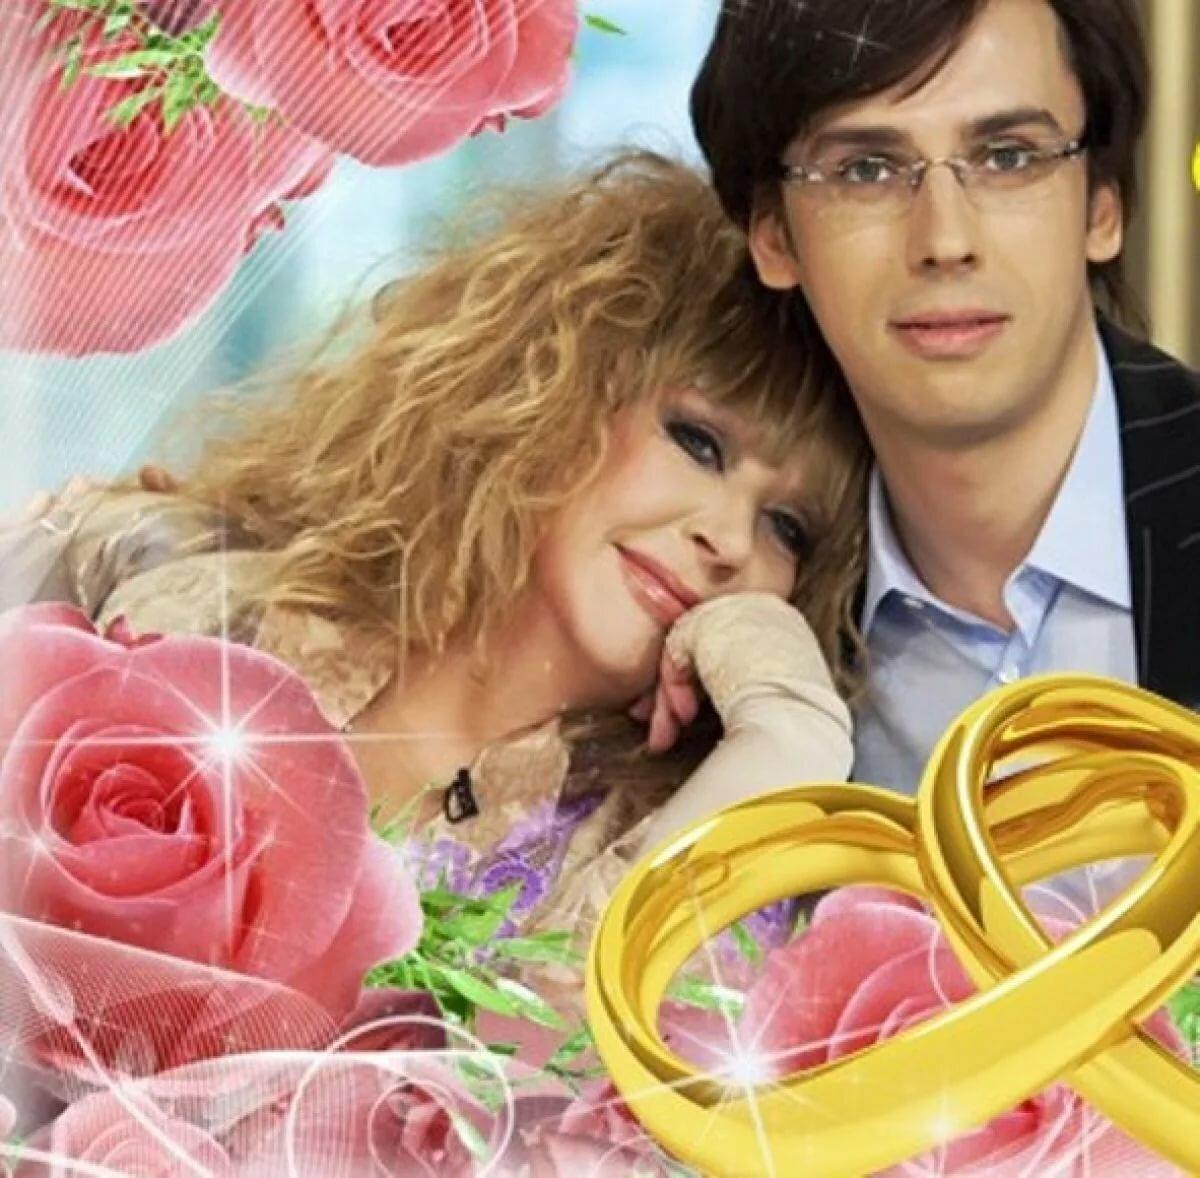 доставит вам фото со свадьбы галкина и пугачевой граждан